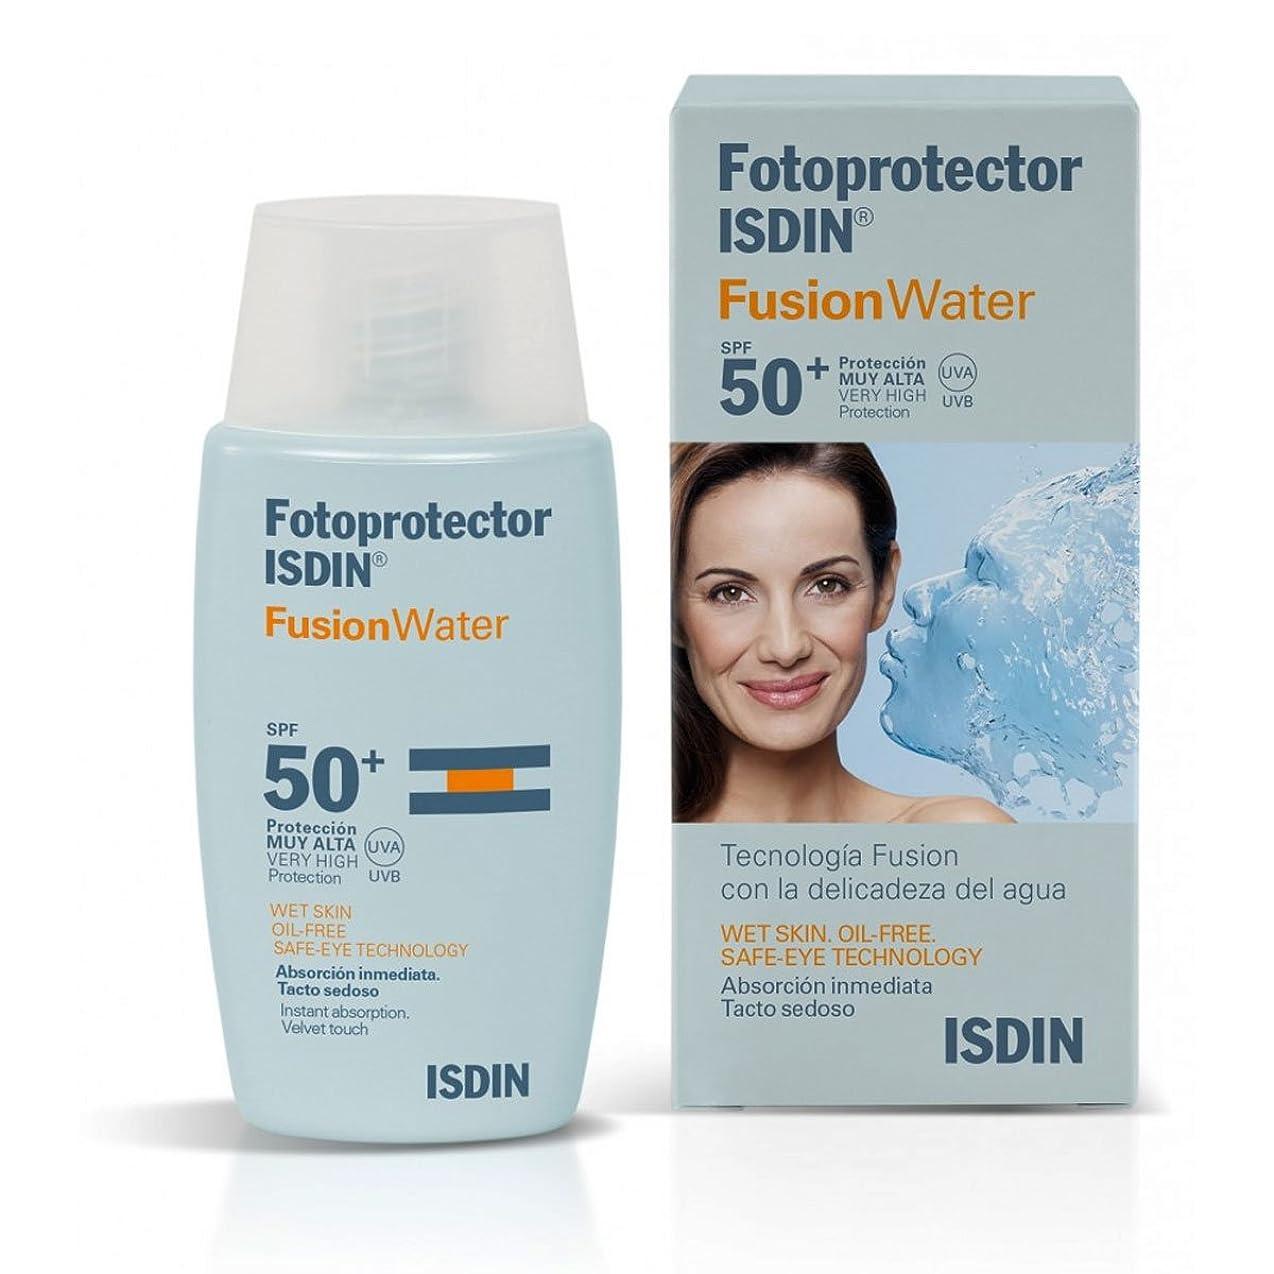 ヘルシーうれしい翻訳者Isdin Sunscreen Fusion Water Spf50+ 50ml [並行輸入品]